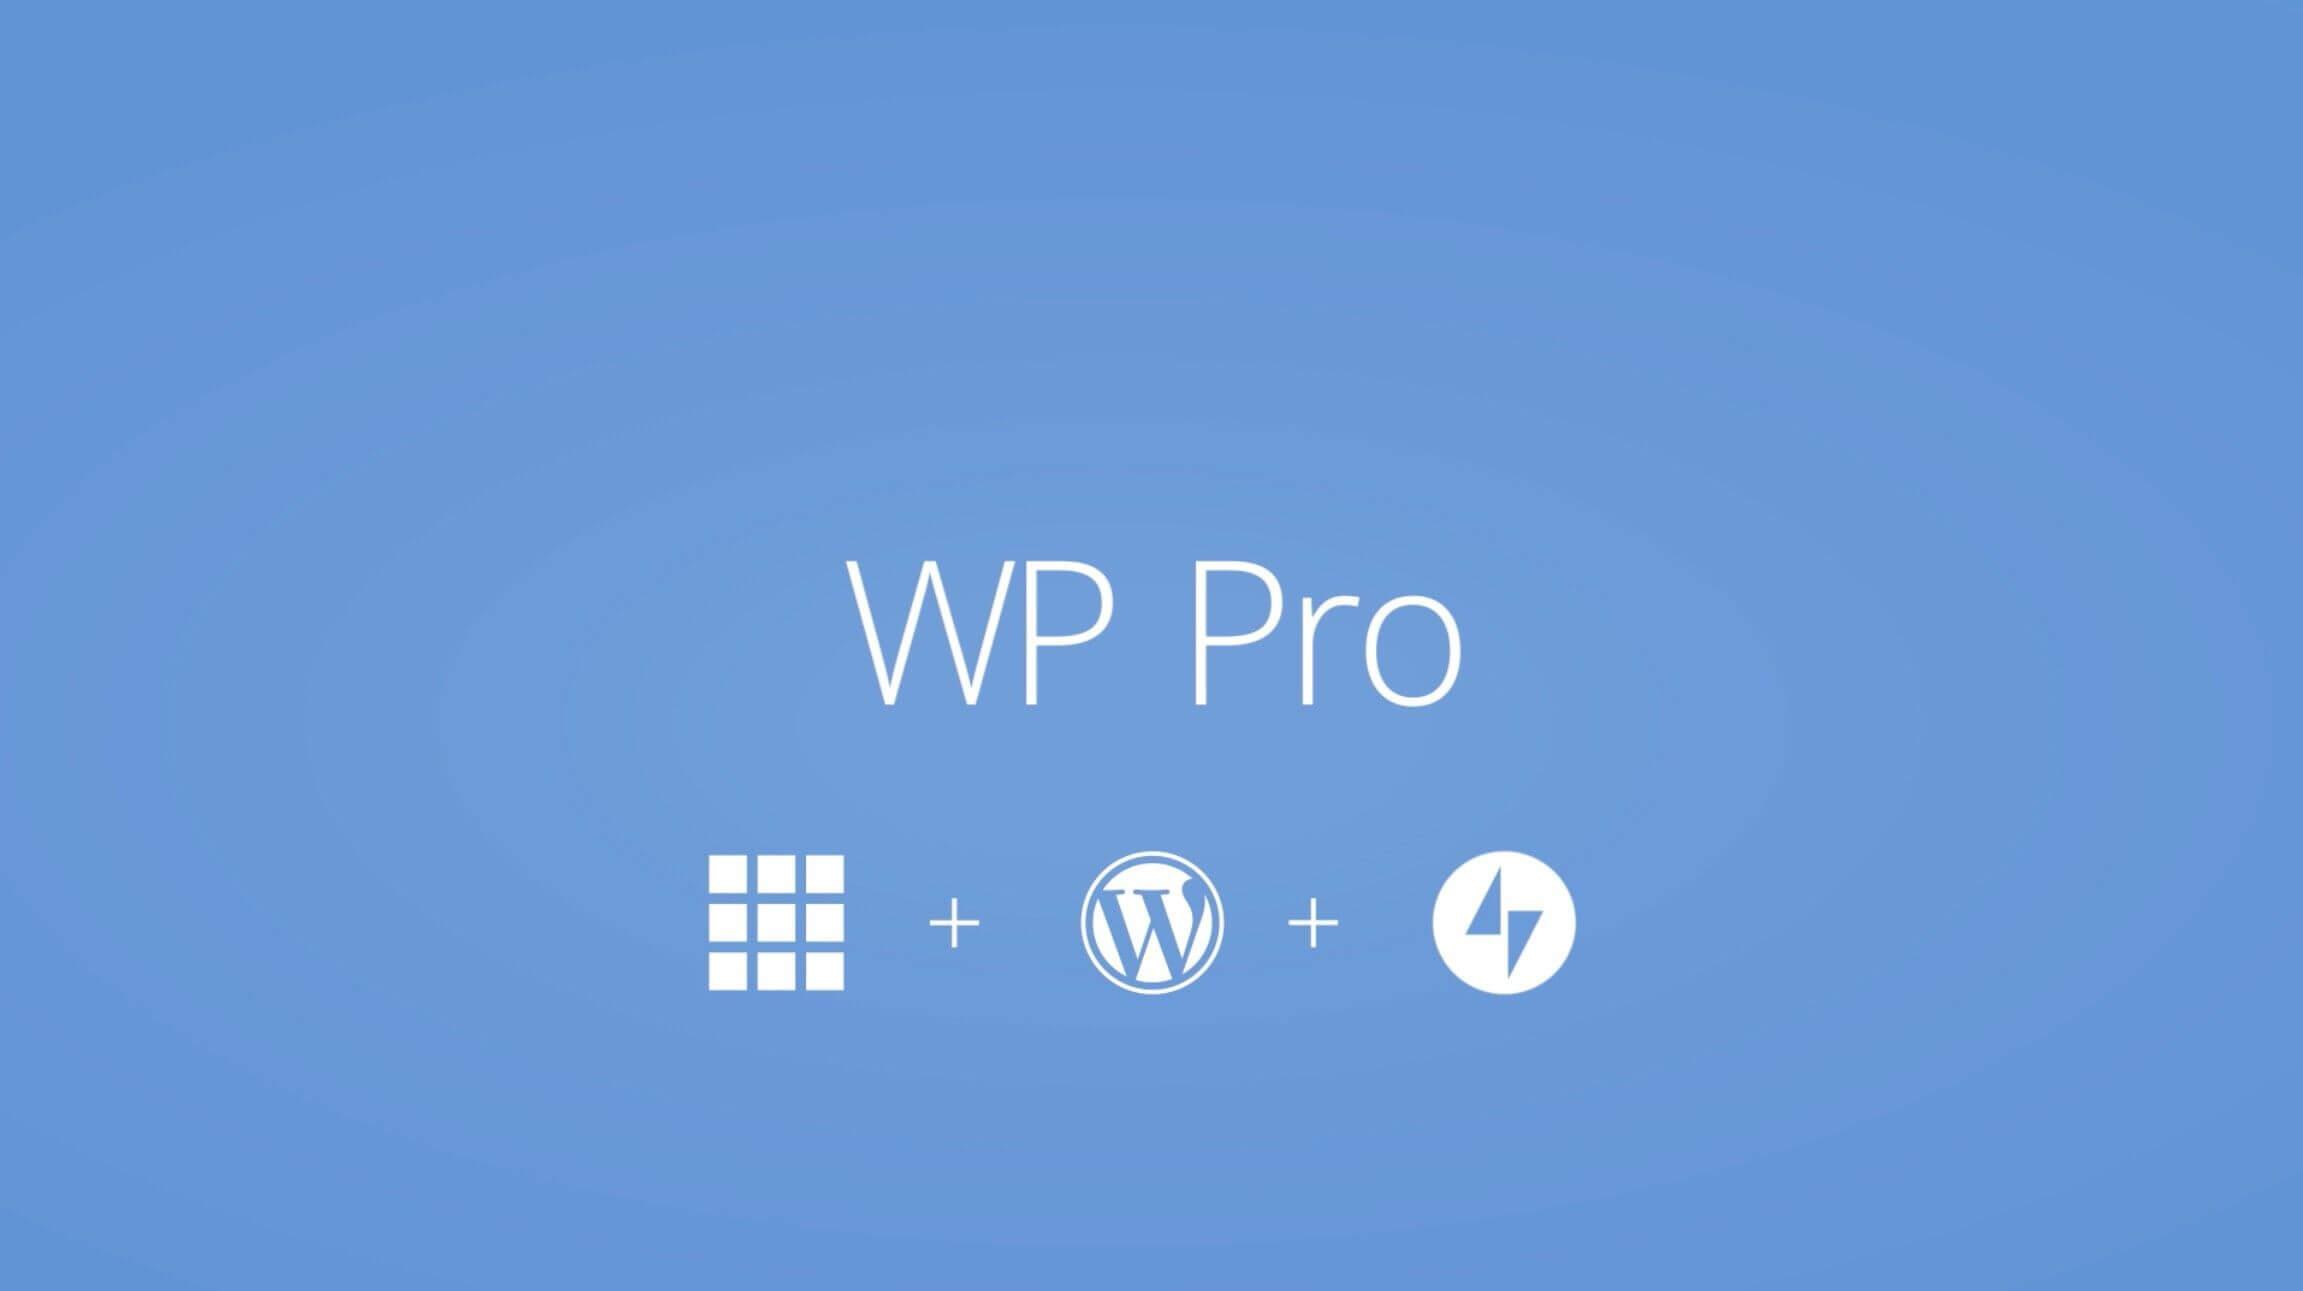 Wp Pro